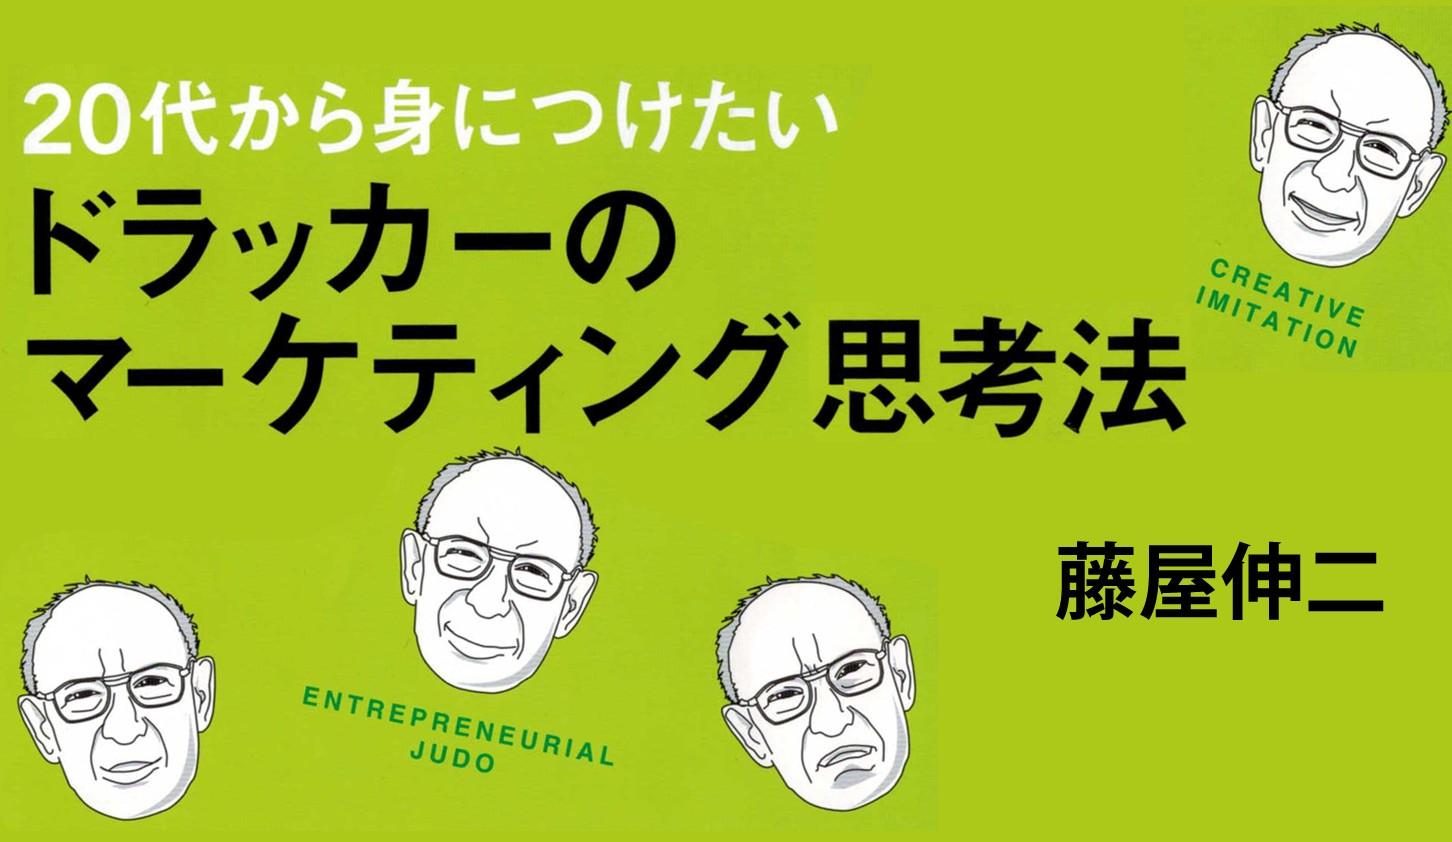 20代から身につけたいドラッカーのマーケティング思考法 by藤屋伸二